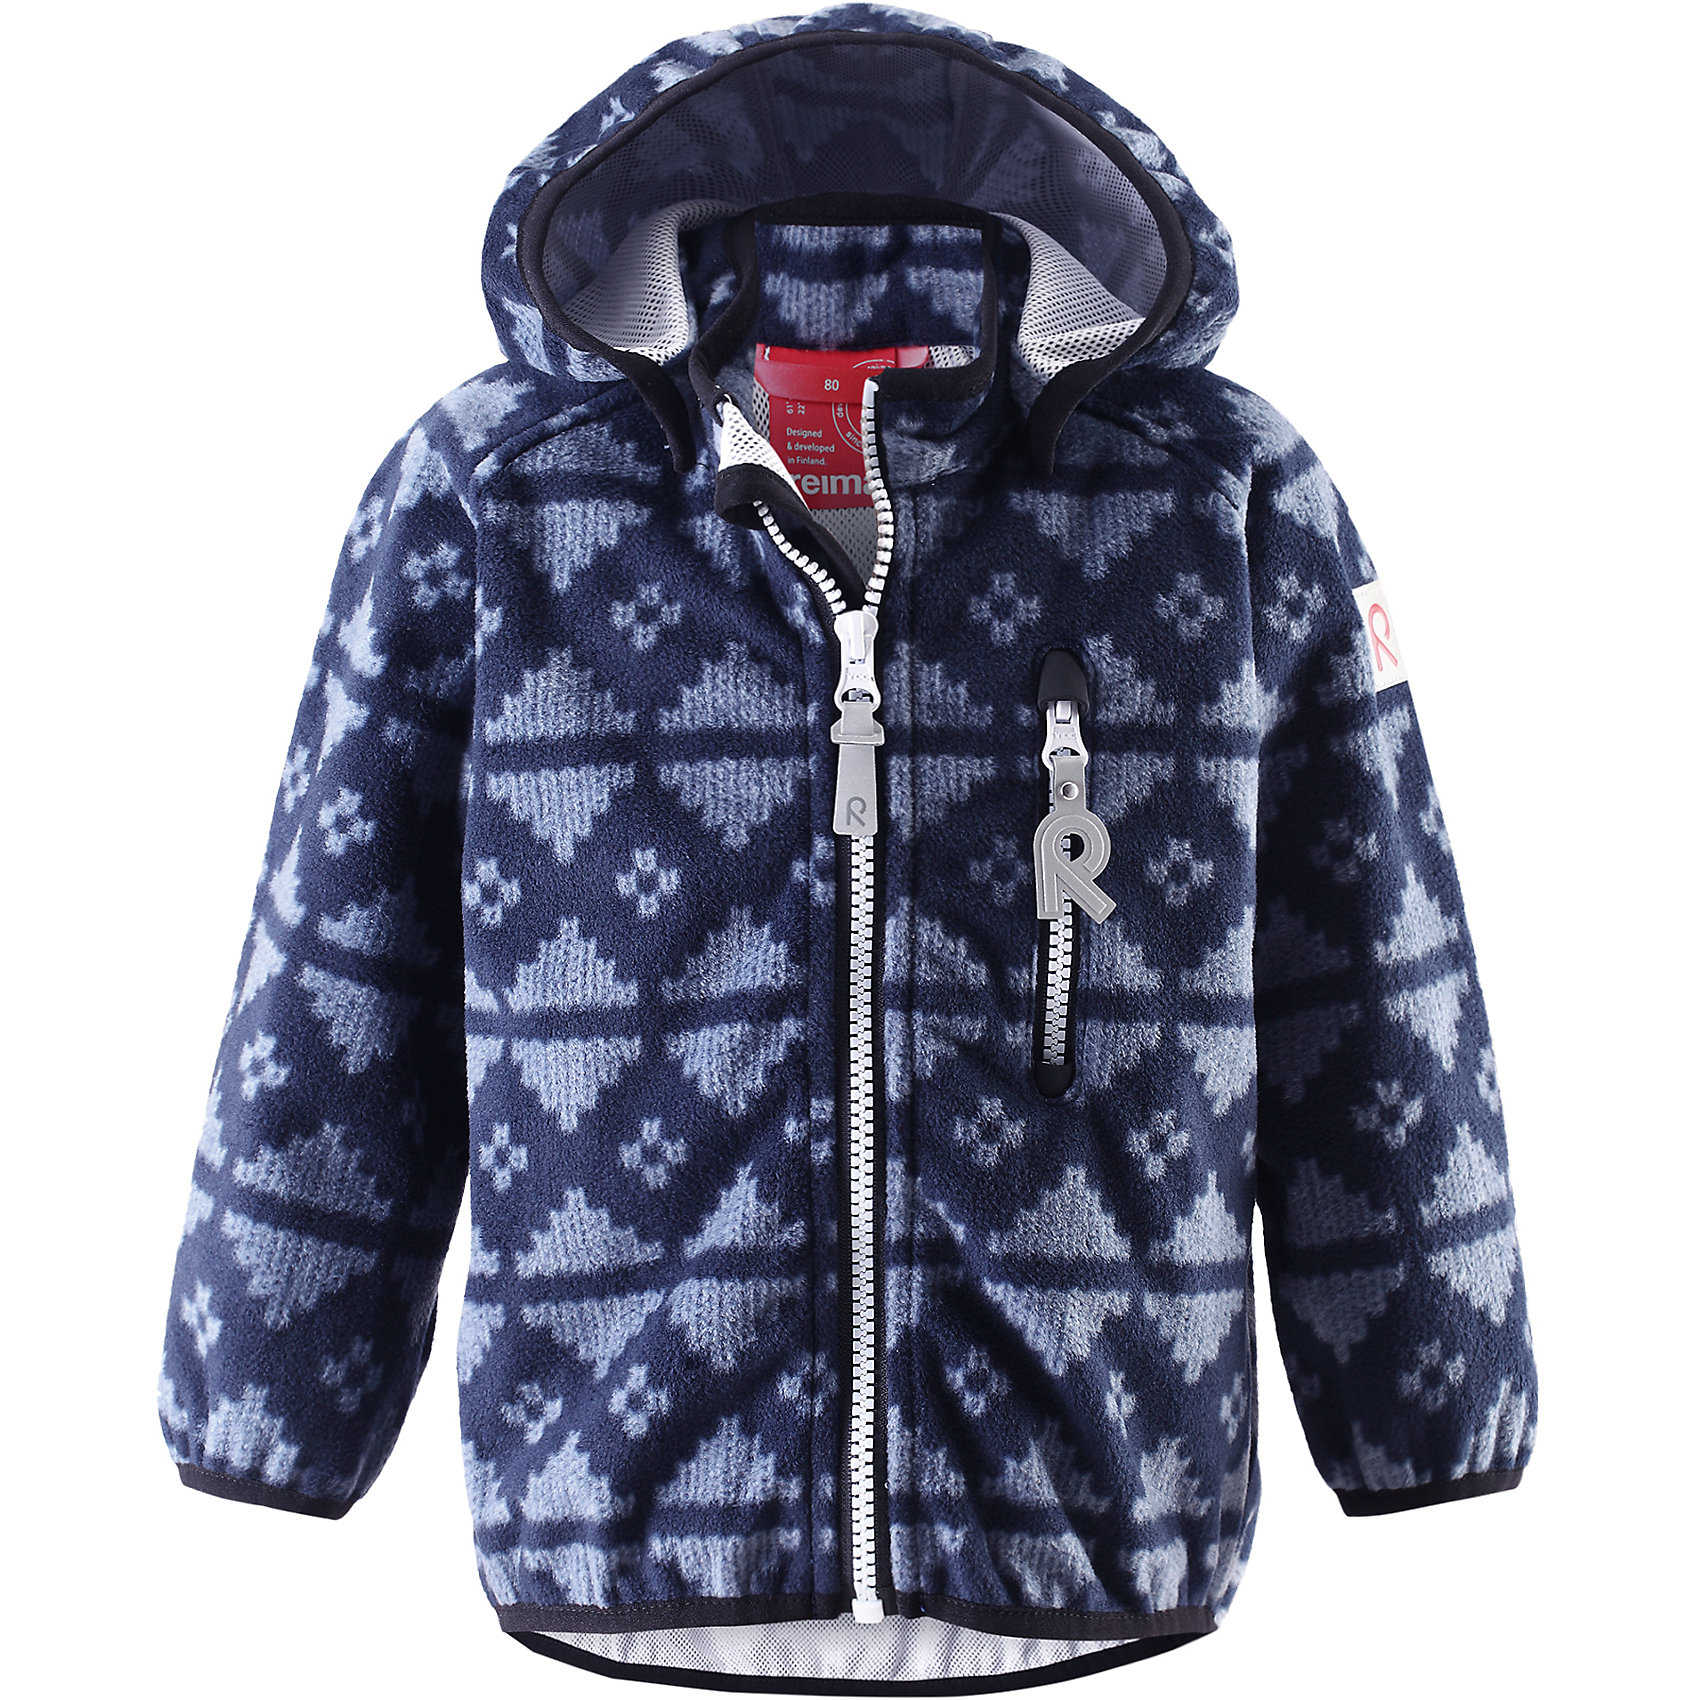 Куртка Aie ReimaКуртка  Reima<br>Куртка из материала softshell для малышей. Из ветронепроницаемого материала, но изделие «дышит». Безопасный, съемный капюшон. Эластичная резинка на кромке капюшона, манжетах и подоле. Нагрудный карман на молнии. Принт по всей поверхности.<br>Уход:<br>Стирать по отдельности. Застегнуть молнии и липучки. Стирать моющим средством, не содержащим отбеливающие вещества. Полоскать без специального средства. Во избежание изменения цвета изделие необходимо вынуть из стиральной машинки незамедлительно после окончания программы стирки. Сушить при низкой температуре.<br>Состав:<br>100% Полиэстер, полиуретановая мембрана<br><br>Ширина мм: 356<br>Глубина мм: 10<br>Высота мм: 245<br>Вес г: 519<br>Цвет: синий<br>Возраст от месяцев: 9<br>Возраст до месяцев: 12<br>Пол: Унисекс<br>Возраст: Детский<br>Размер: 80,86,98,92<br>SKU: 4776046